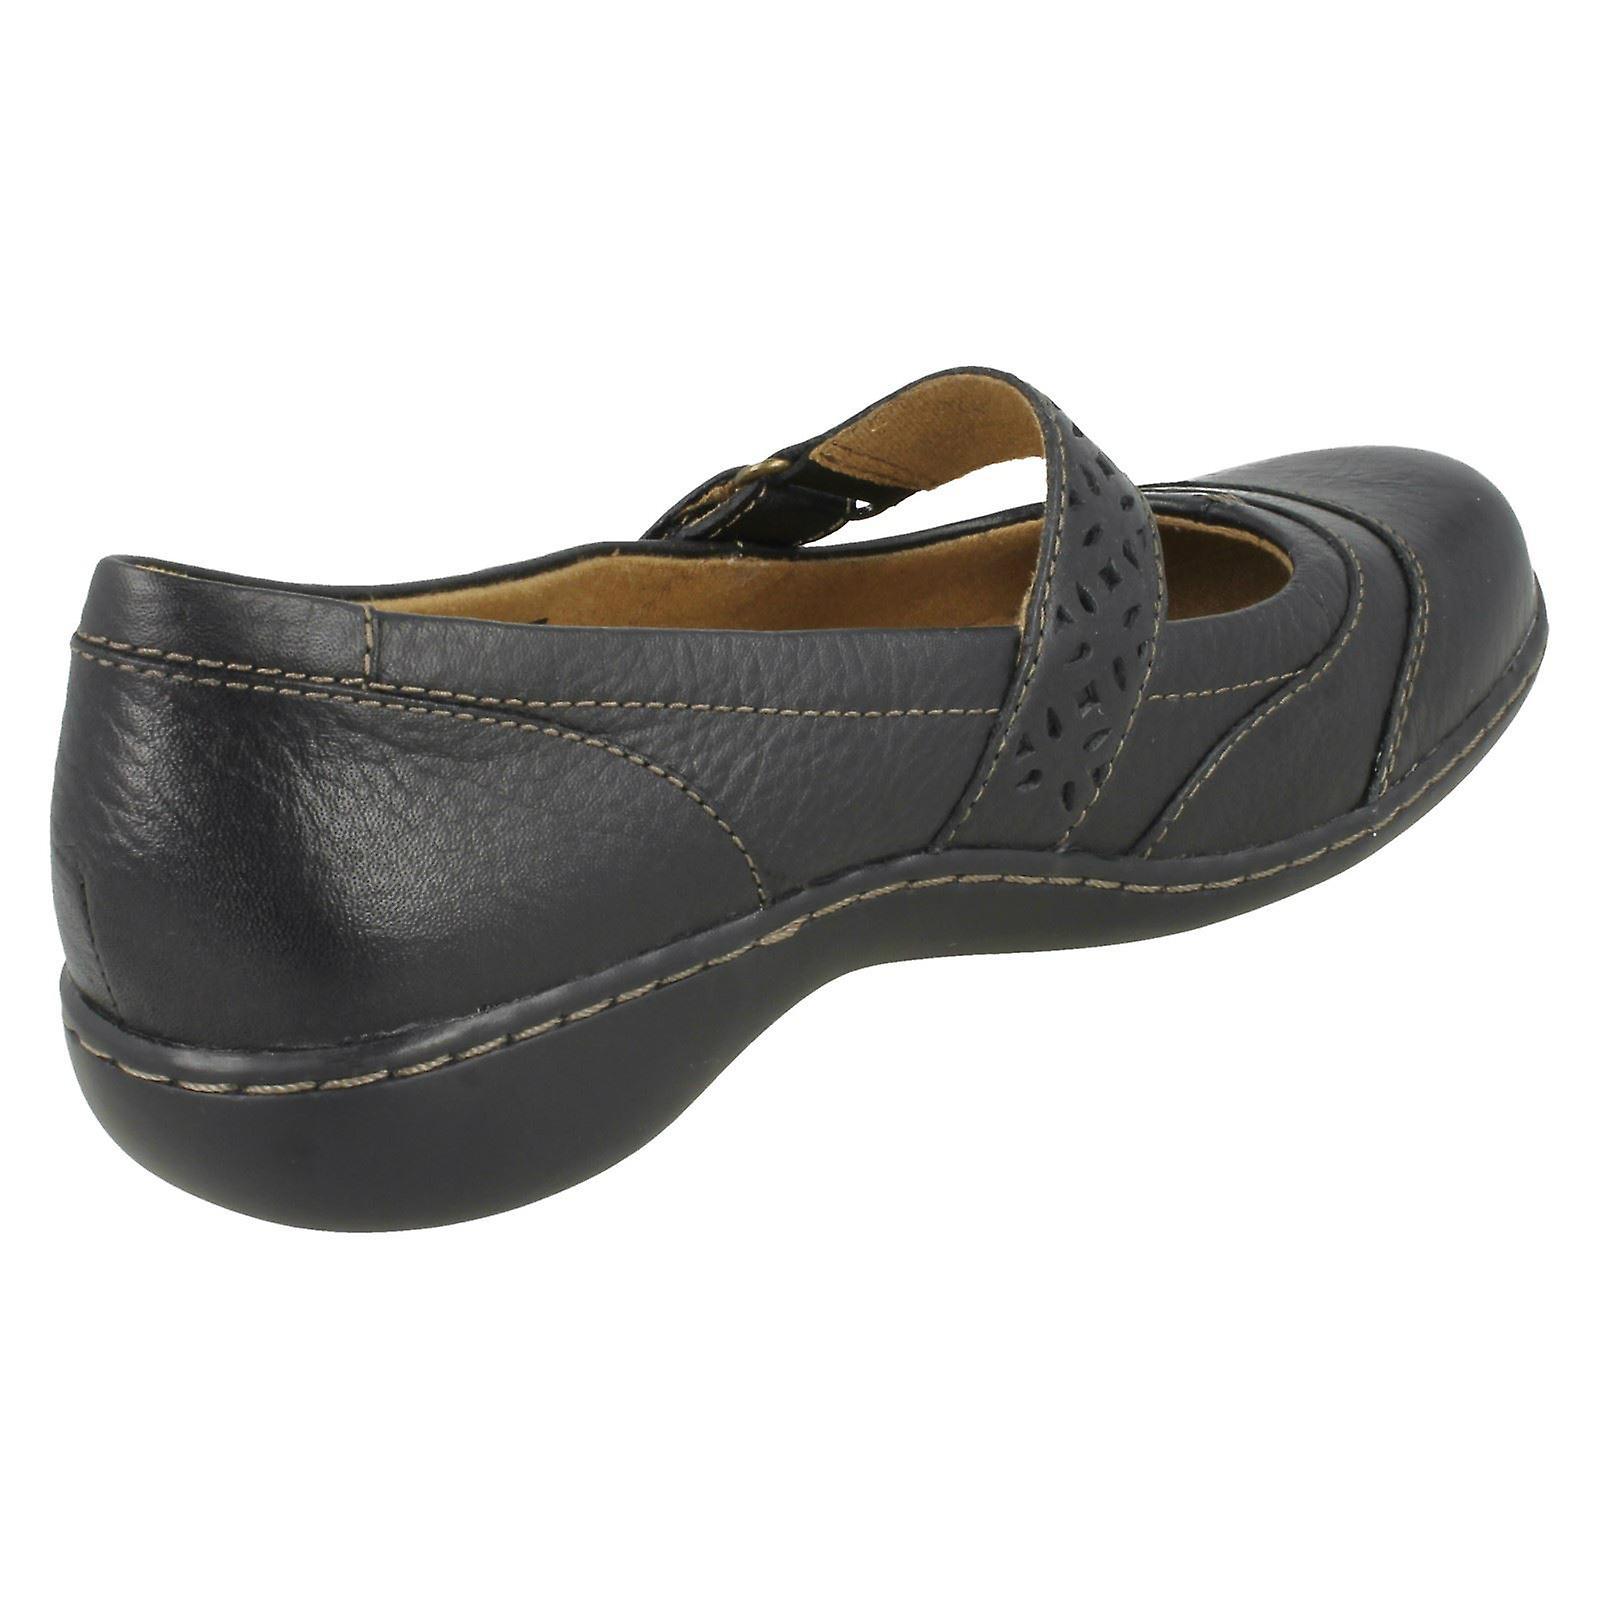 Crochet de Clarks Mesdames & boucle chaussures embrassent Lux